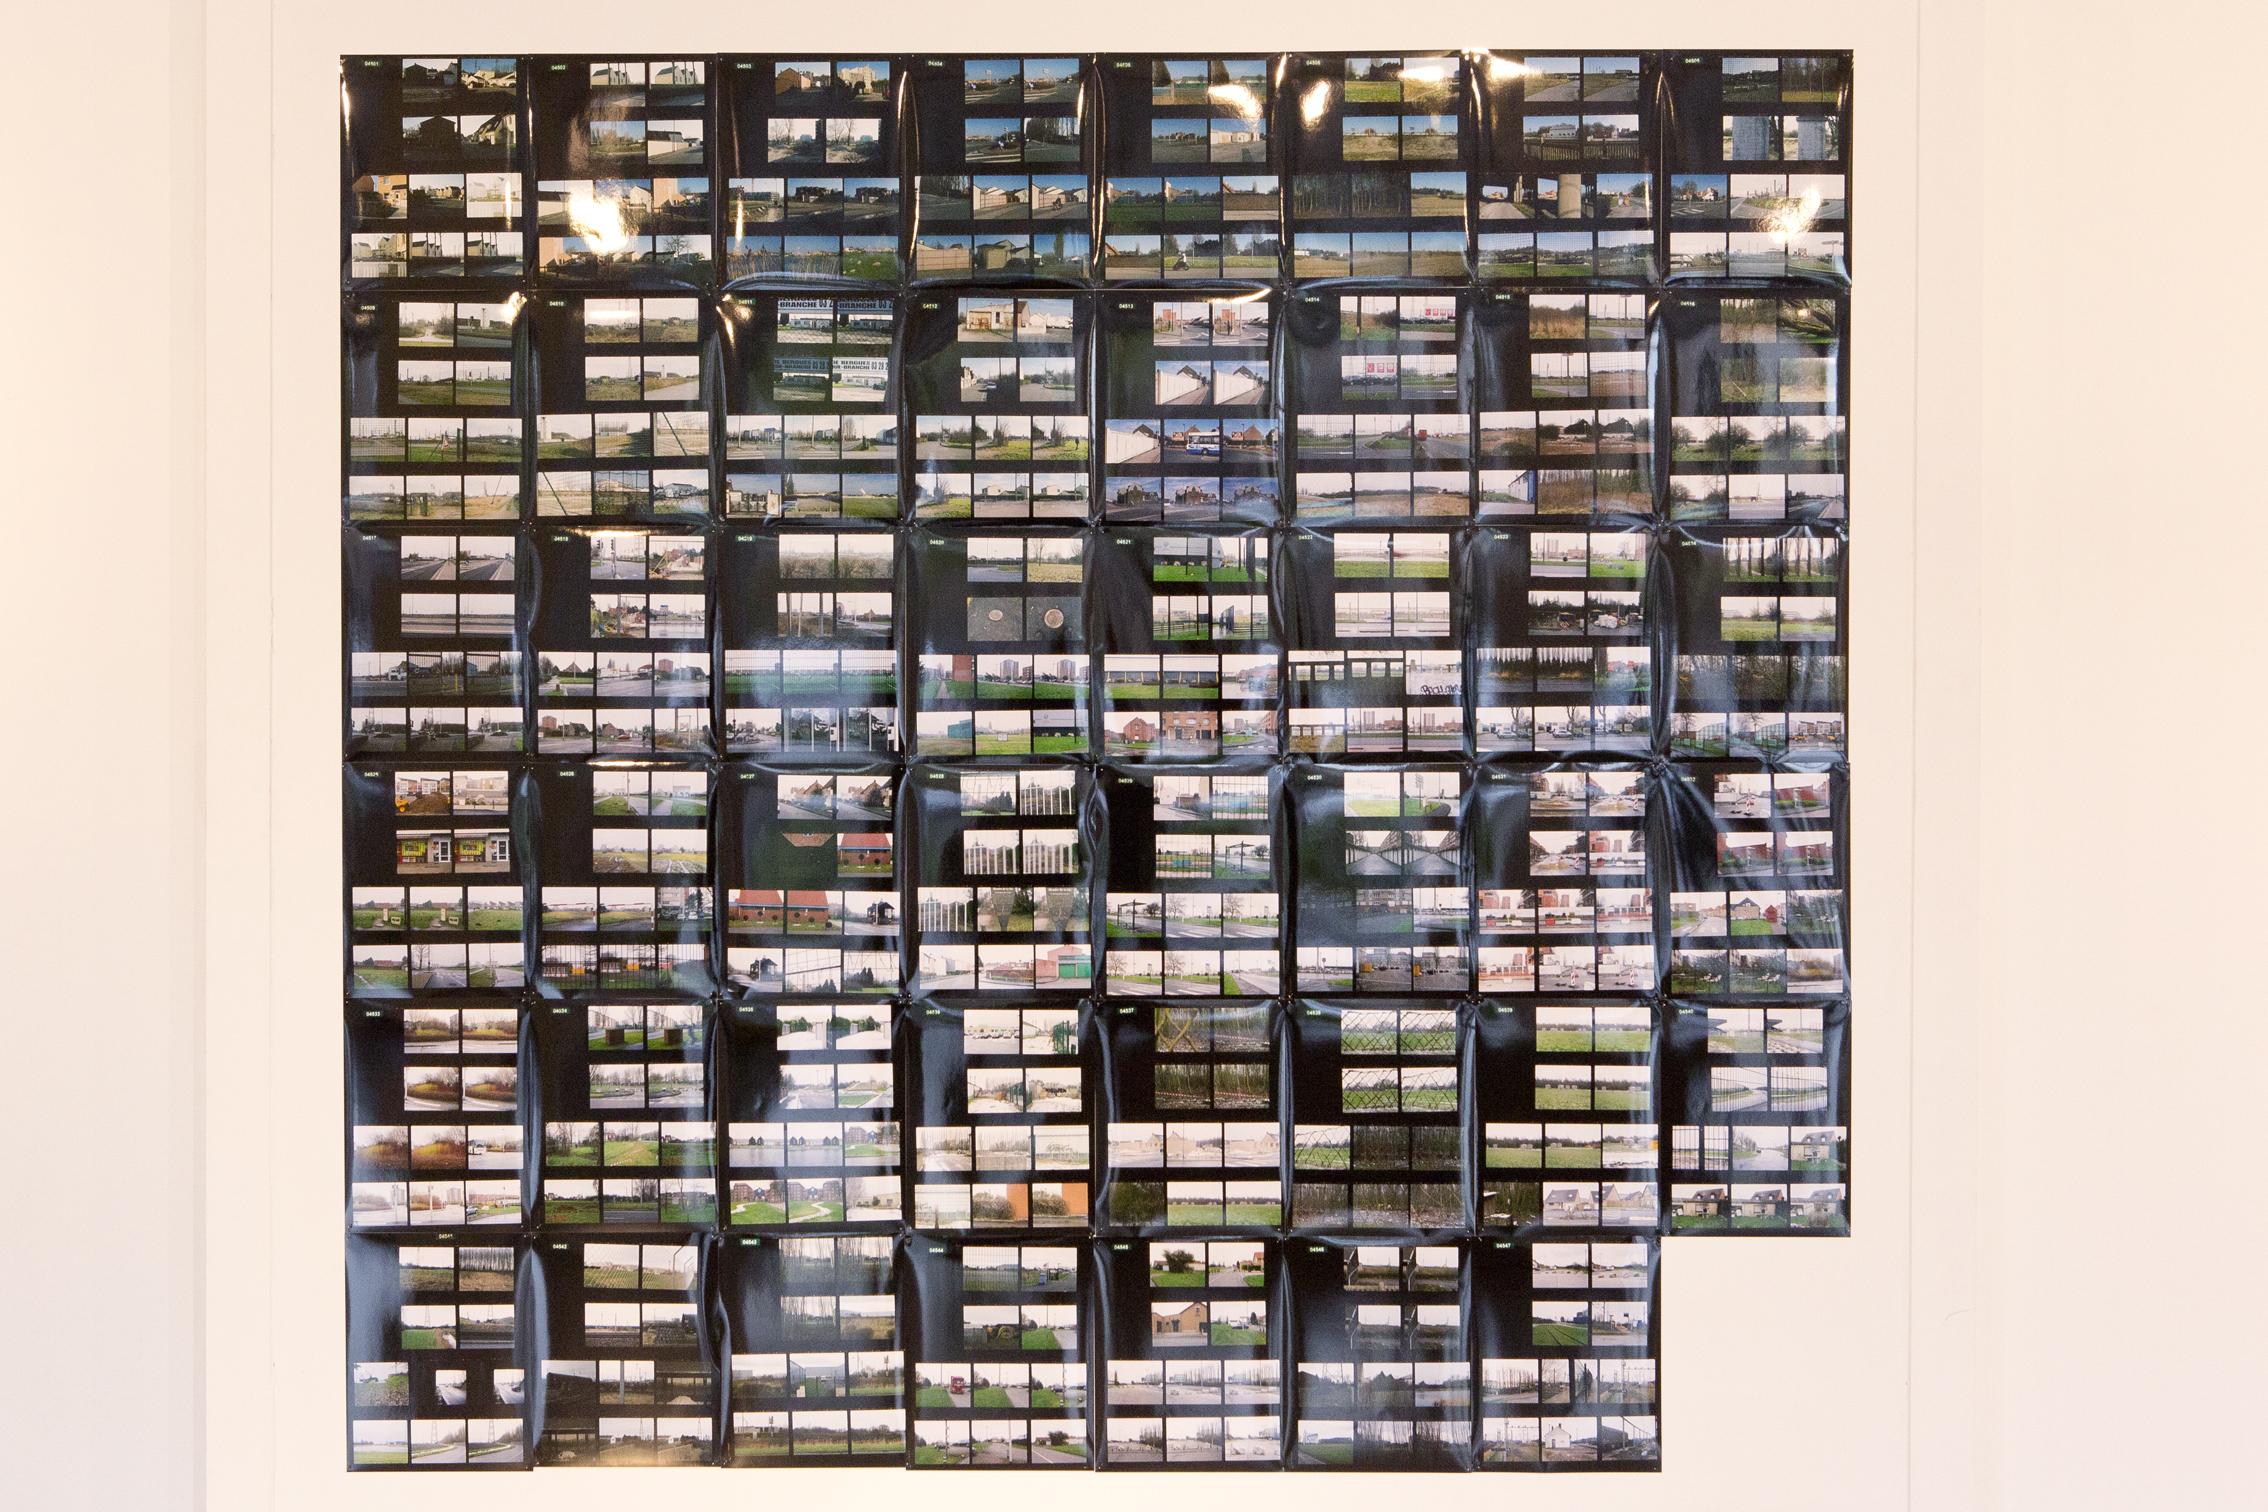 """marcher/créer, déambuler, parcourir, photographier le paysage, photographier le territoire, paysage urbain, paysage périurbain, paysage de campagne, territoire de la communauté urbaine de Dunkerque, ville de Grande-Synthe, exposition """"les 4 saisons"""" à la galerie Robespierre de Grande-Synthe,"""